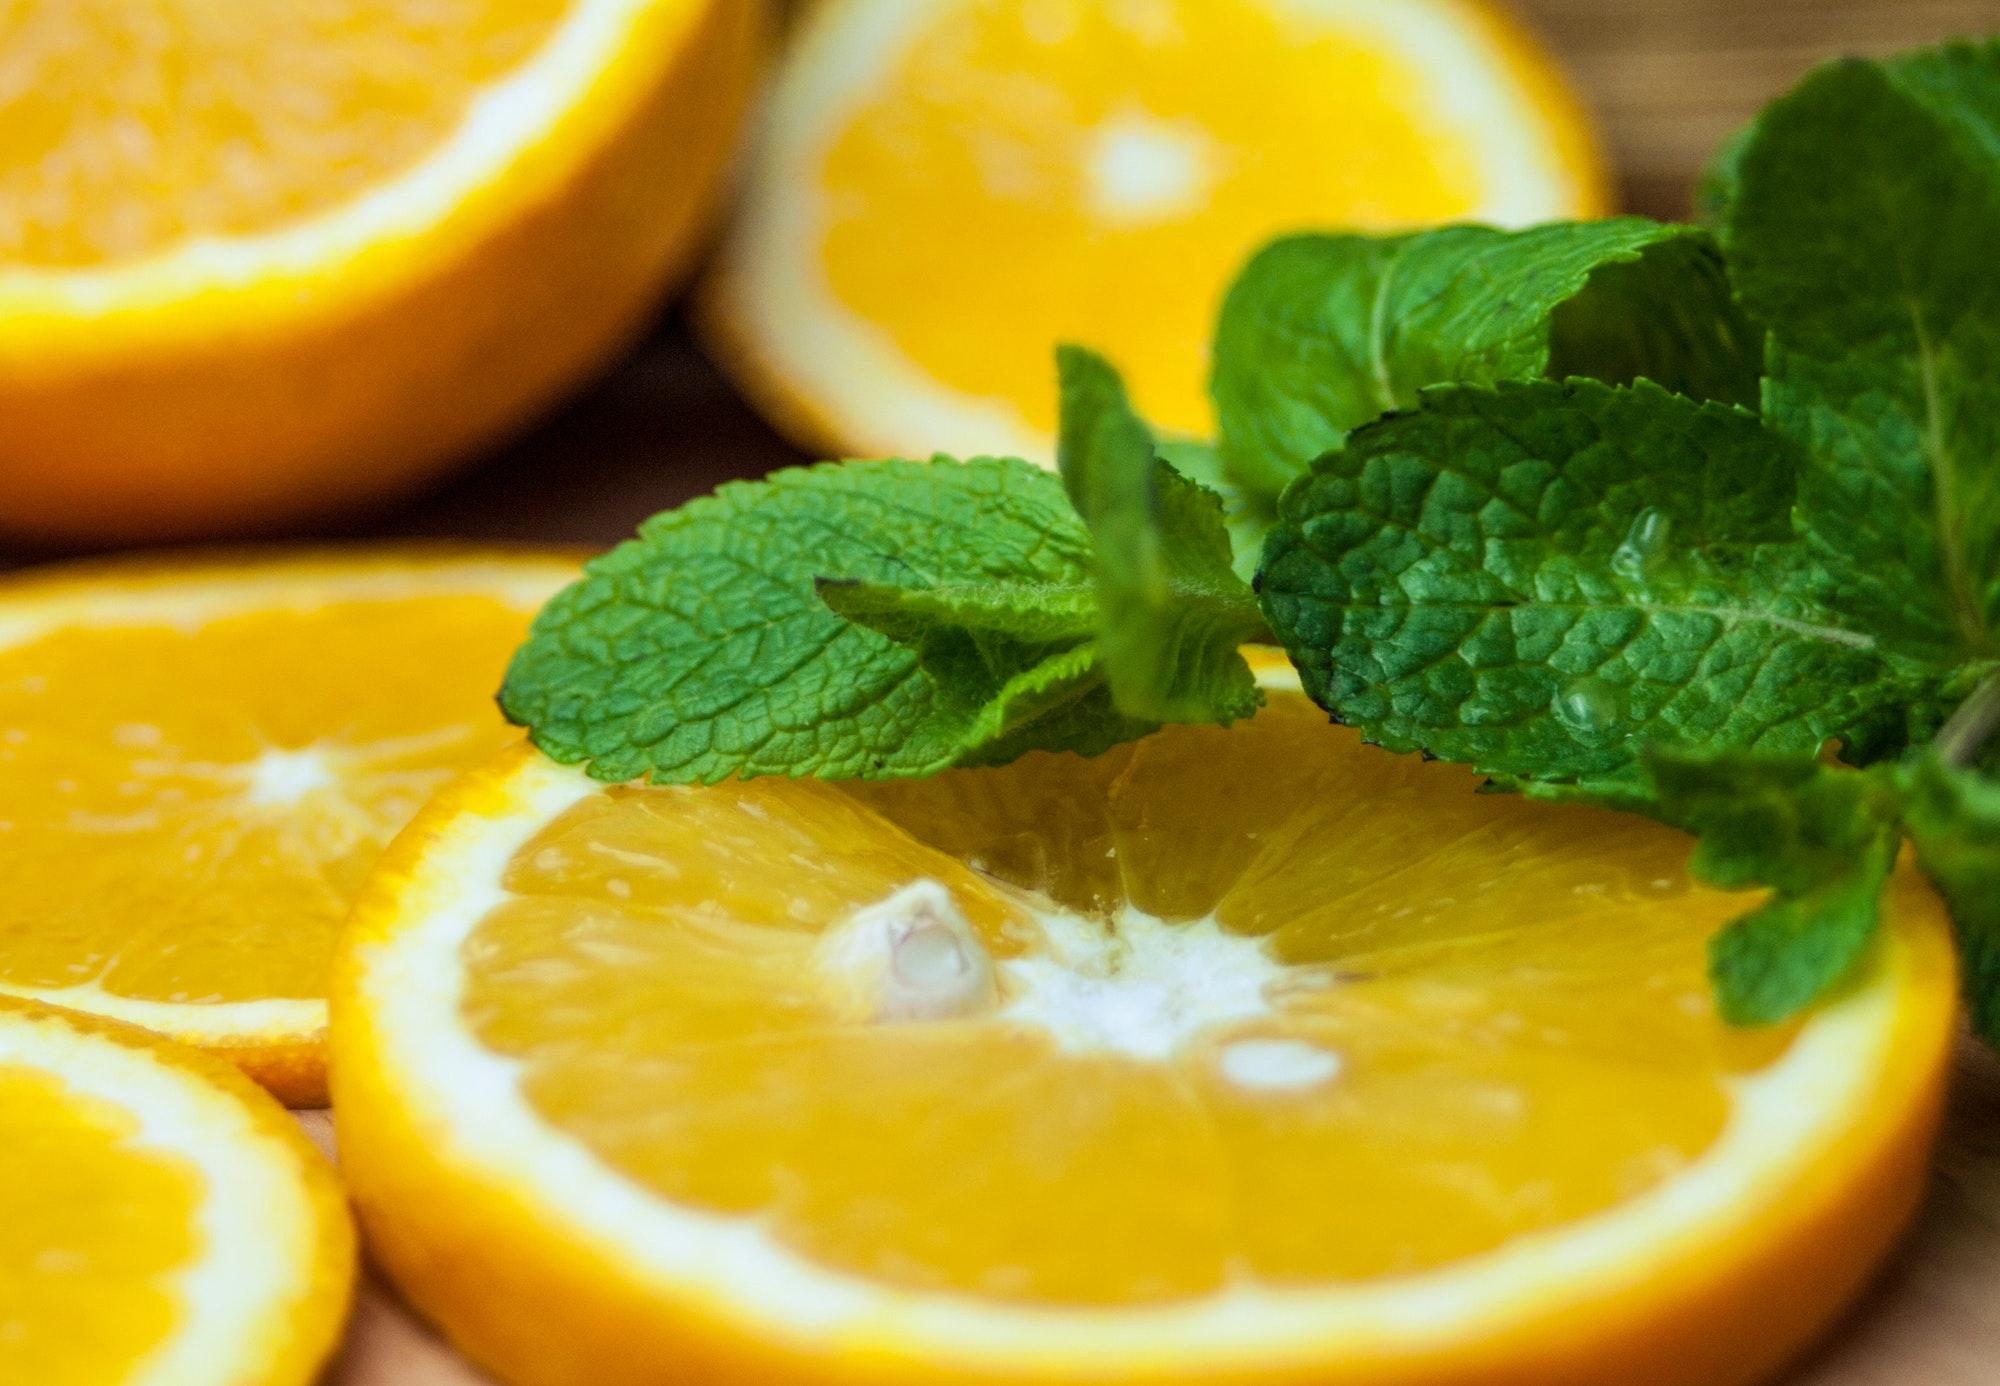 , vitamin C, no people